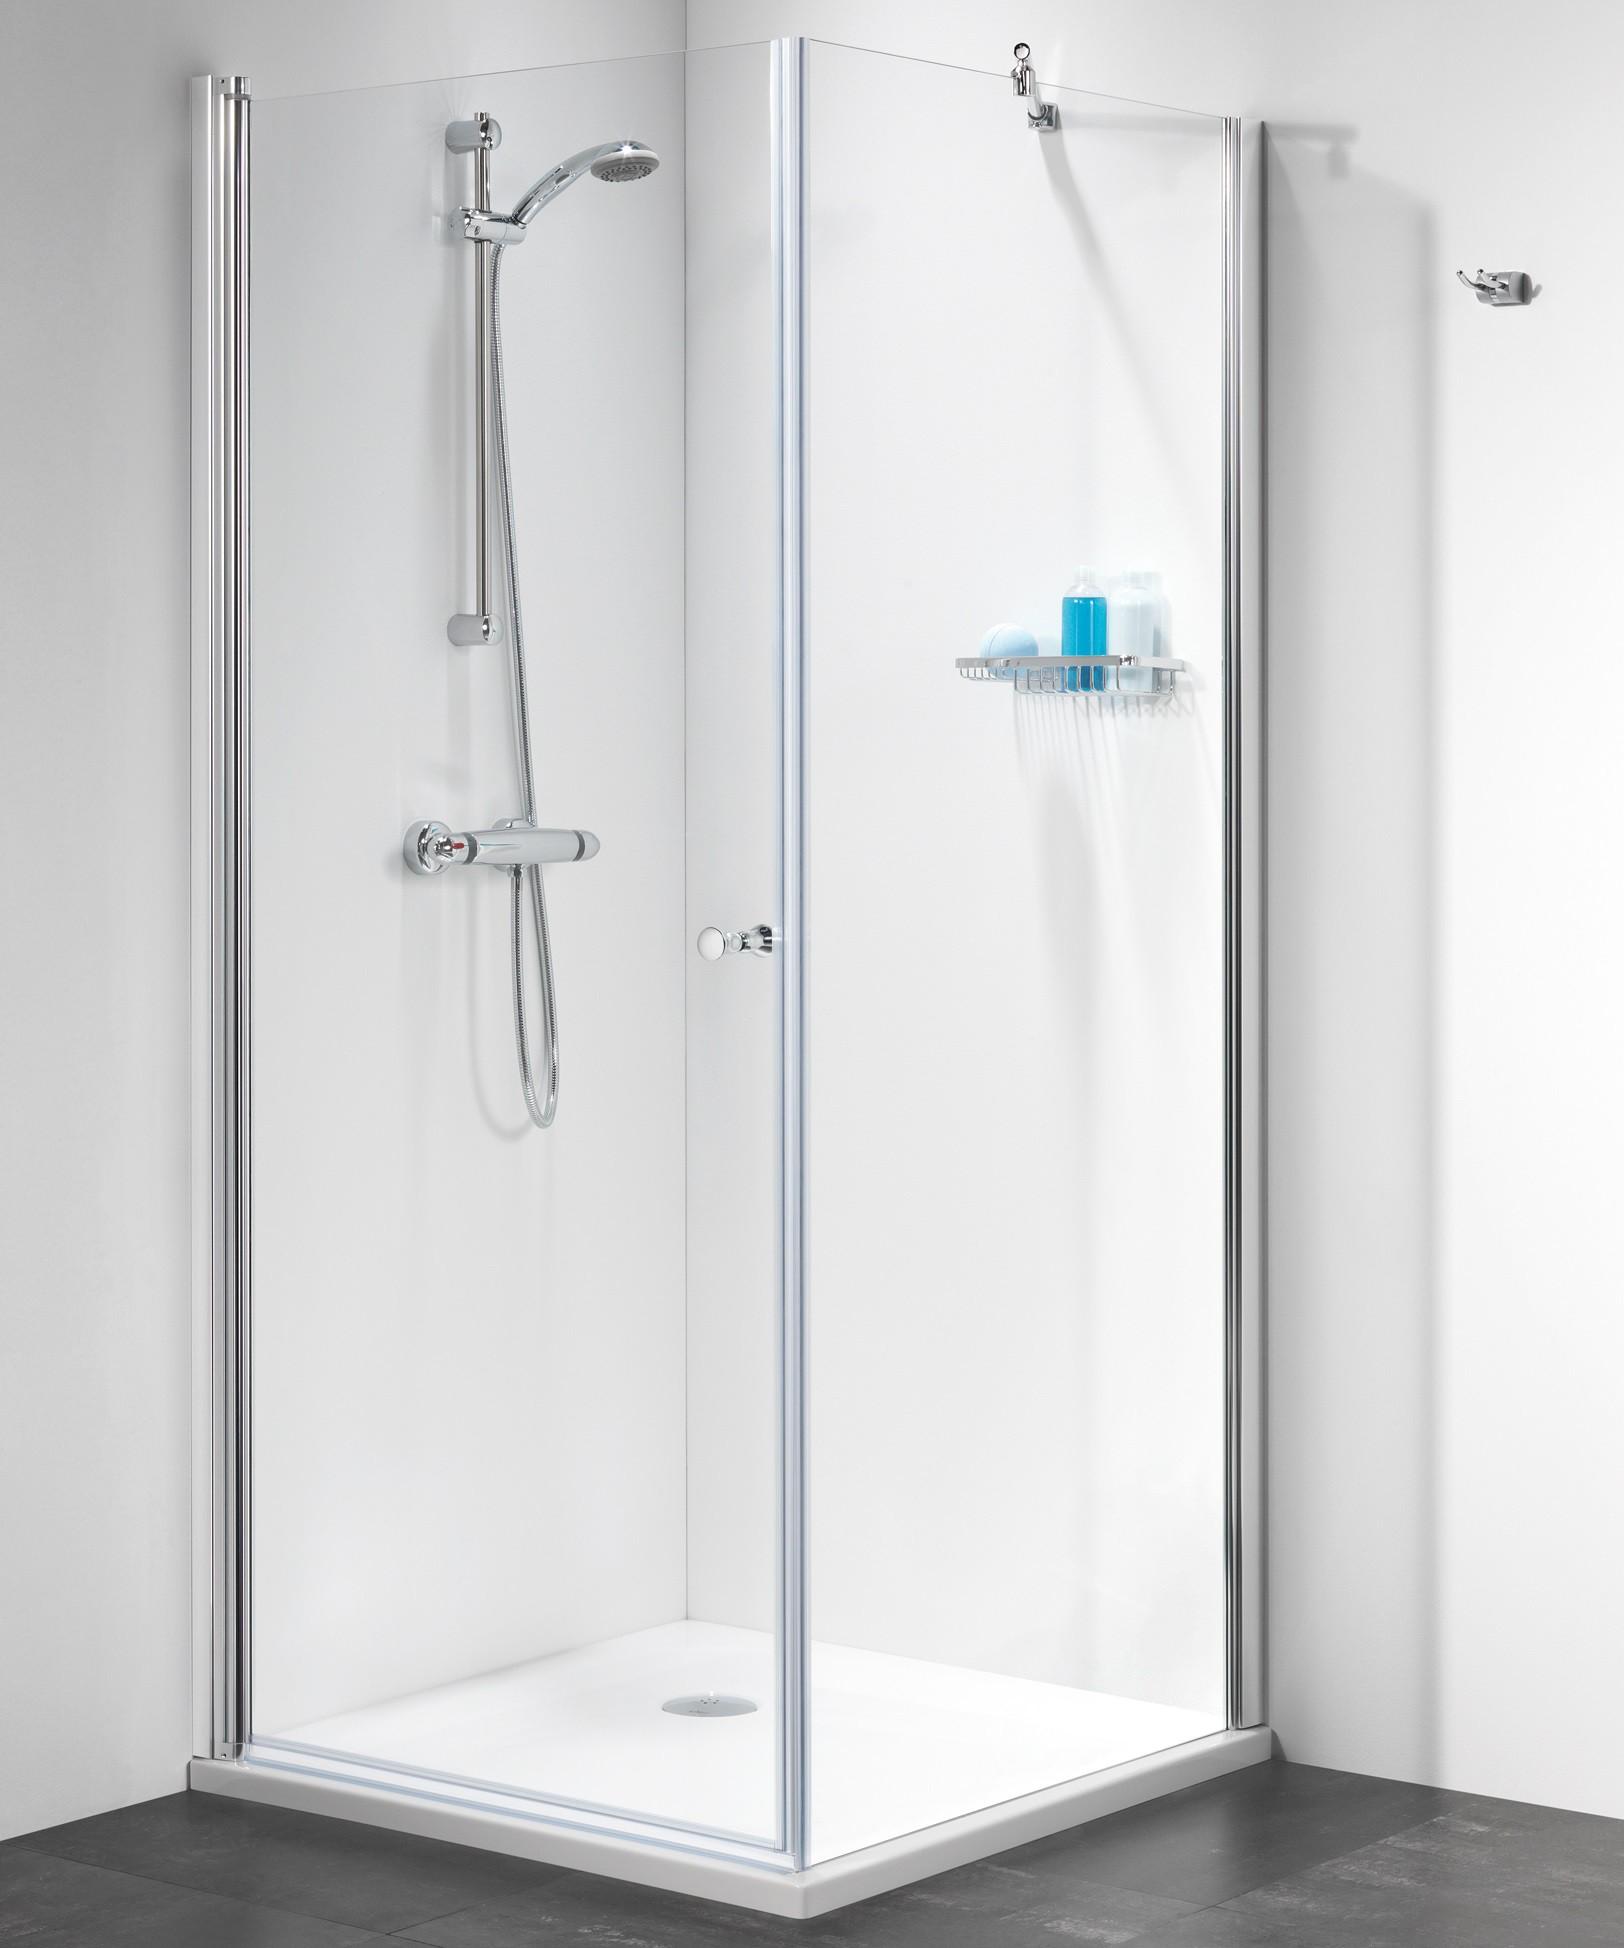 duscht r mit seitenwand 100 x 100 x 195 cm duschabtrennung dusche t r mit seitenwand dusche. Black Bedroom Furniture Sets. Home Design Ideas